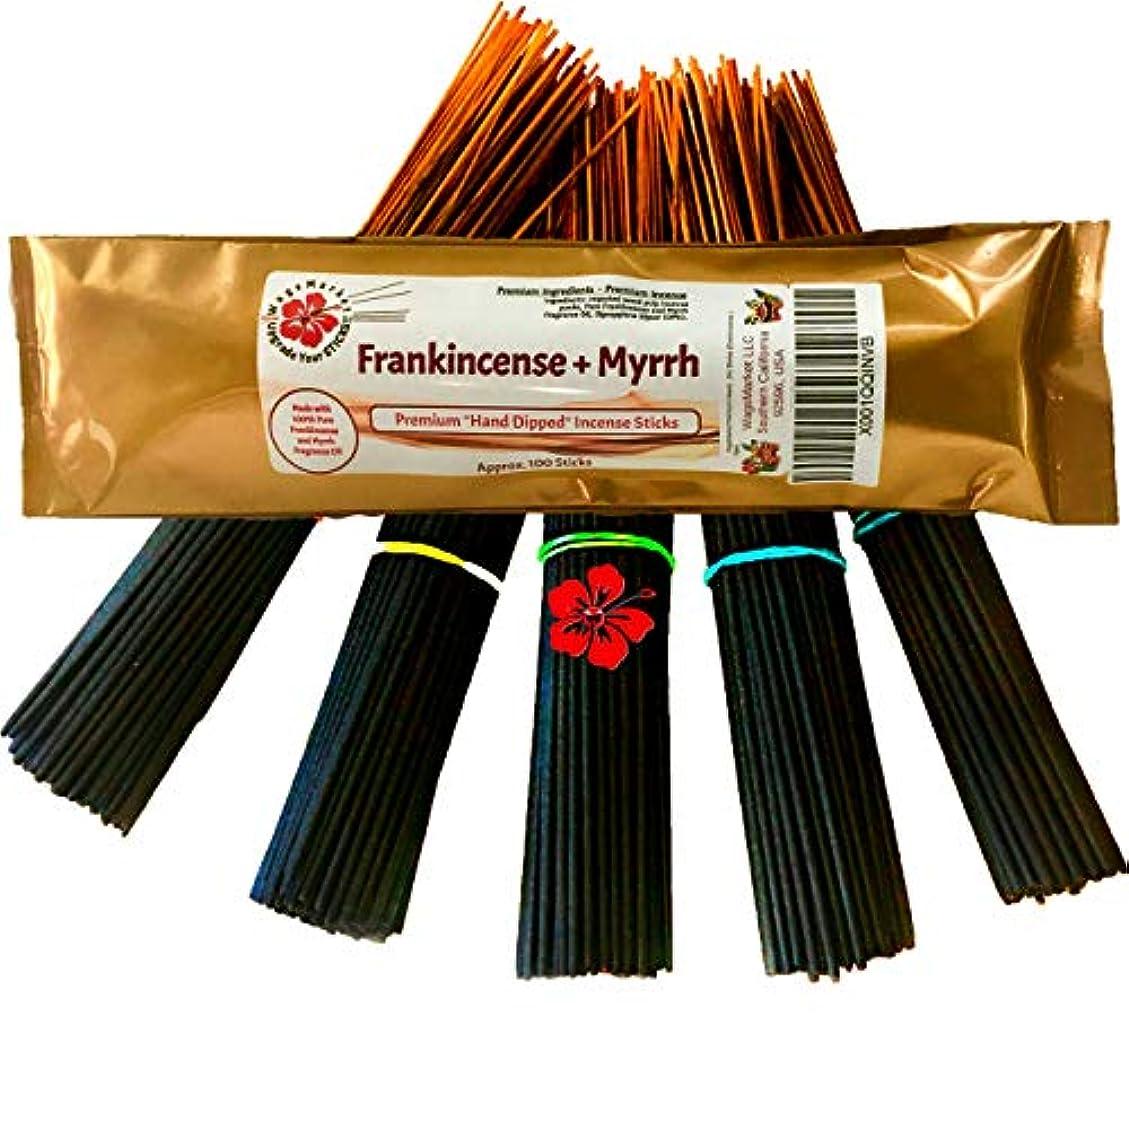 パプアニューギニア豆備品プレミアム手Dipped Incense Sticks, Buy 3 Get 1 Free + (1 ) 無料Incenseボートwith 3以上 – を選択する香り – エジプトムスク、ピンク砂糖と多くのMore 。